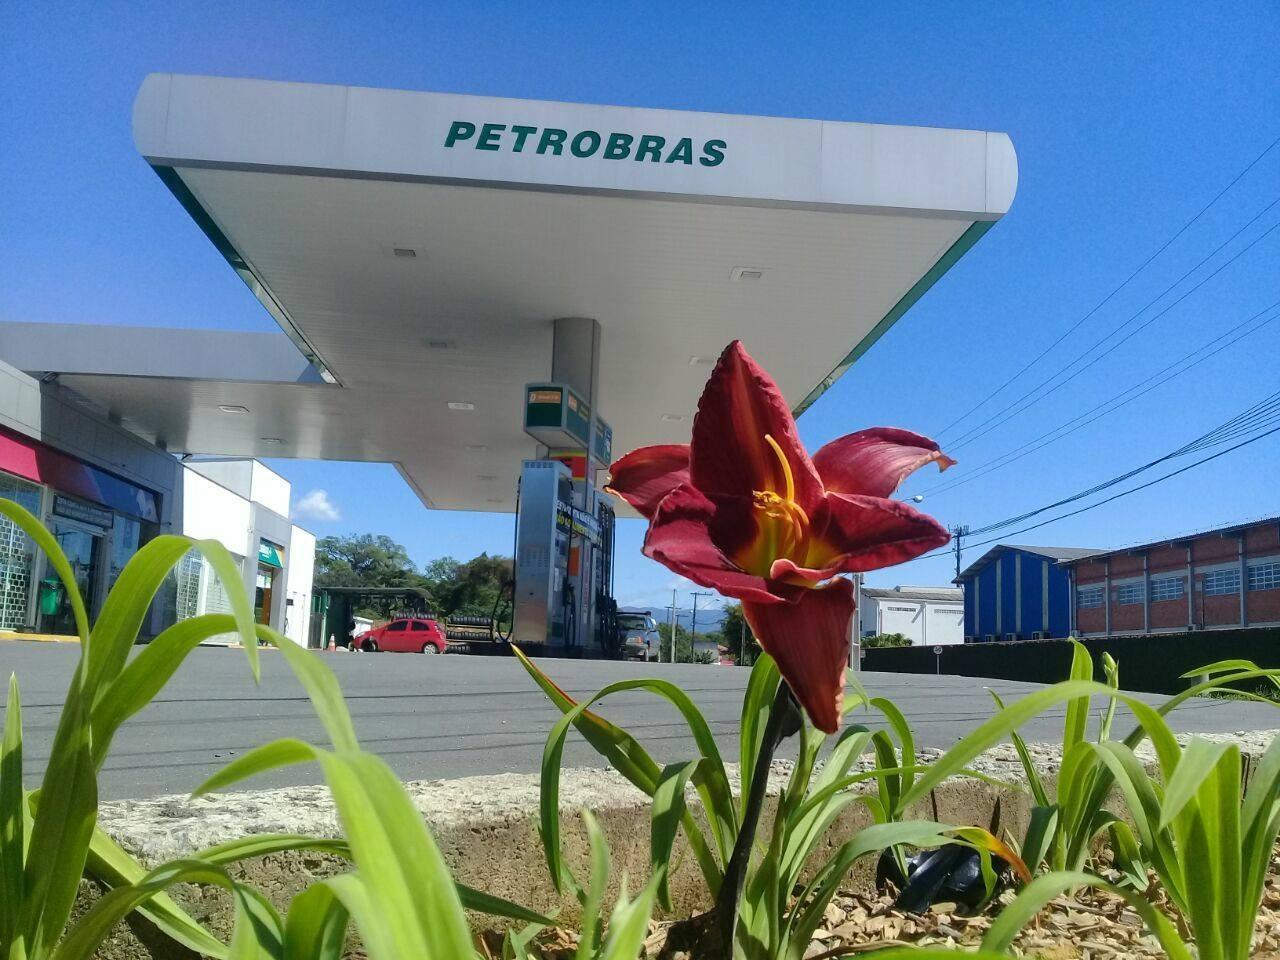 O intuito de campanha é esclarecer a situação que os revendedores enfrentam diante do alto valor de impostos embutidos nos combustíveis, principalmente na Gasolina e o Diesel   Foto Divulgação Sindipetro